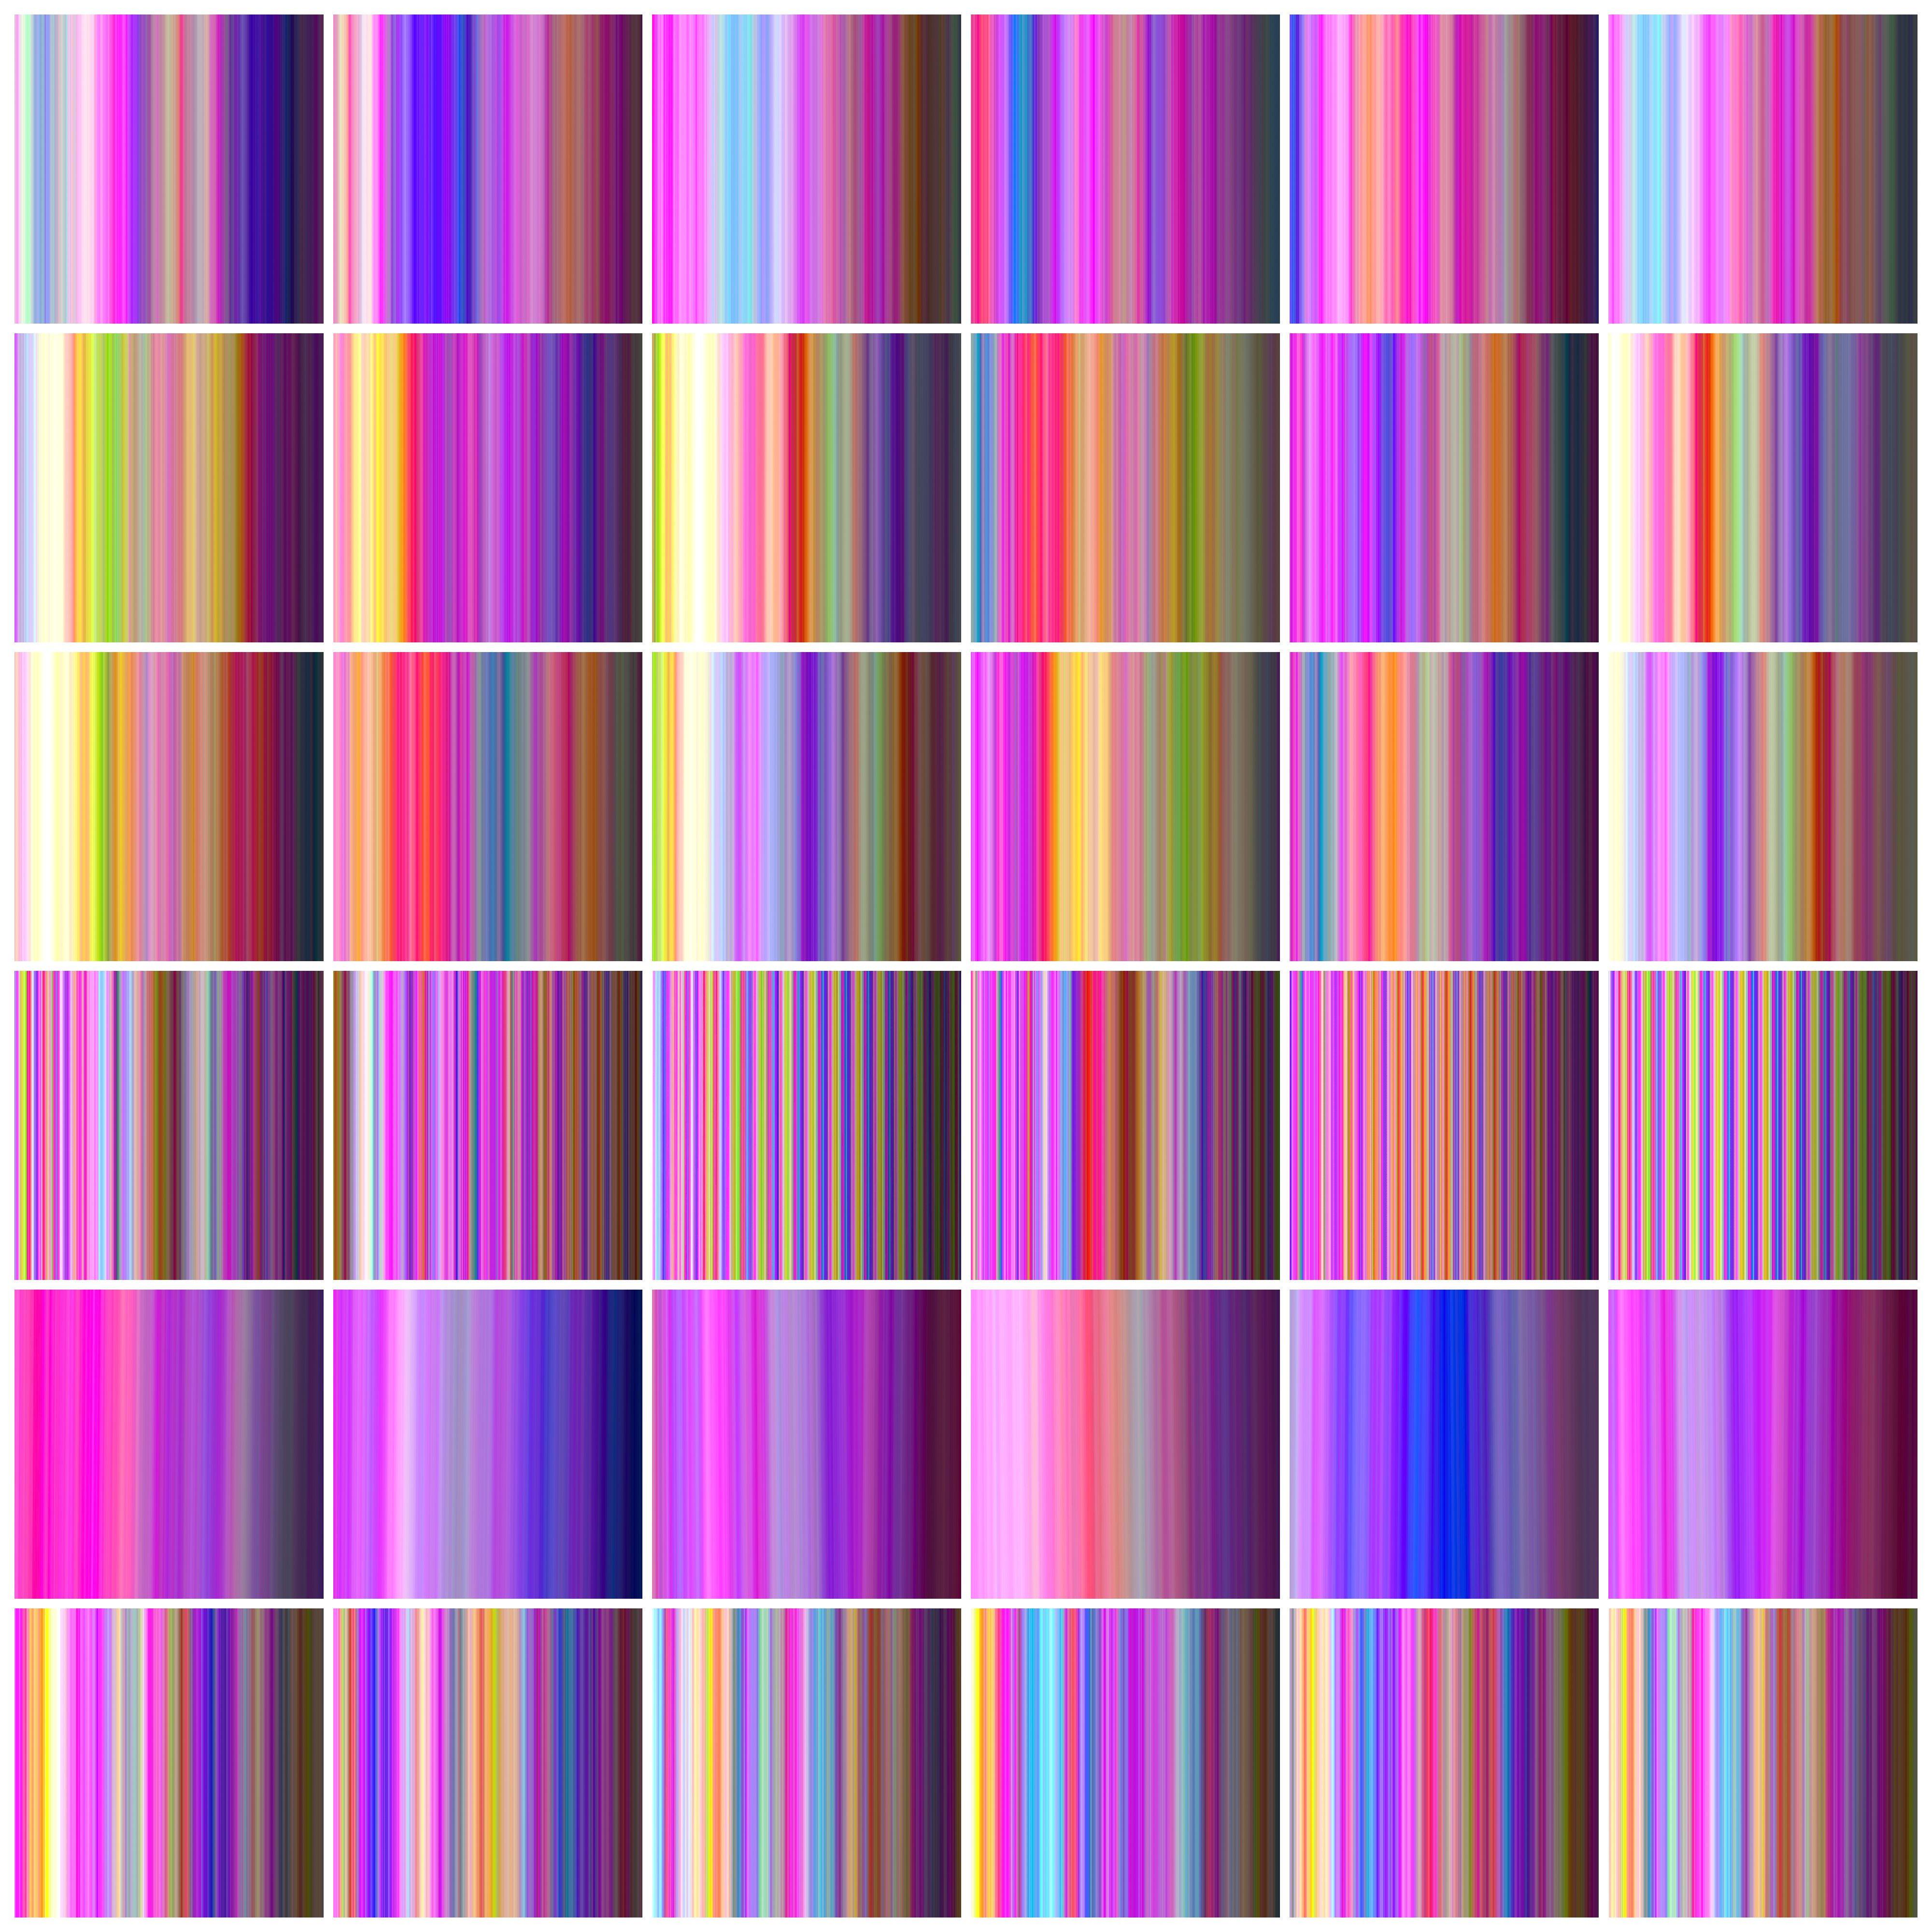 Plasma Gradient Gradation XCF2 by taketo-take-to-stock